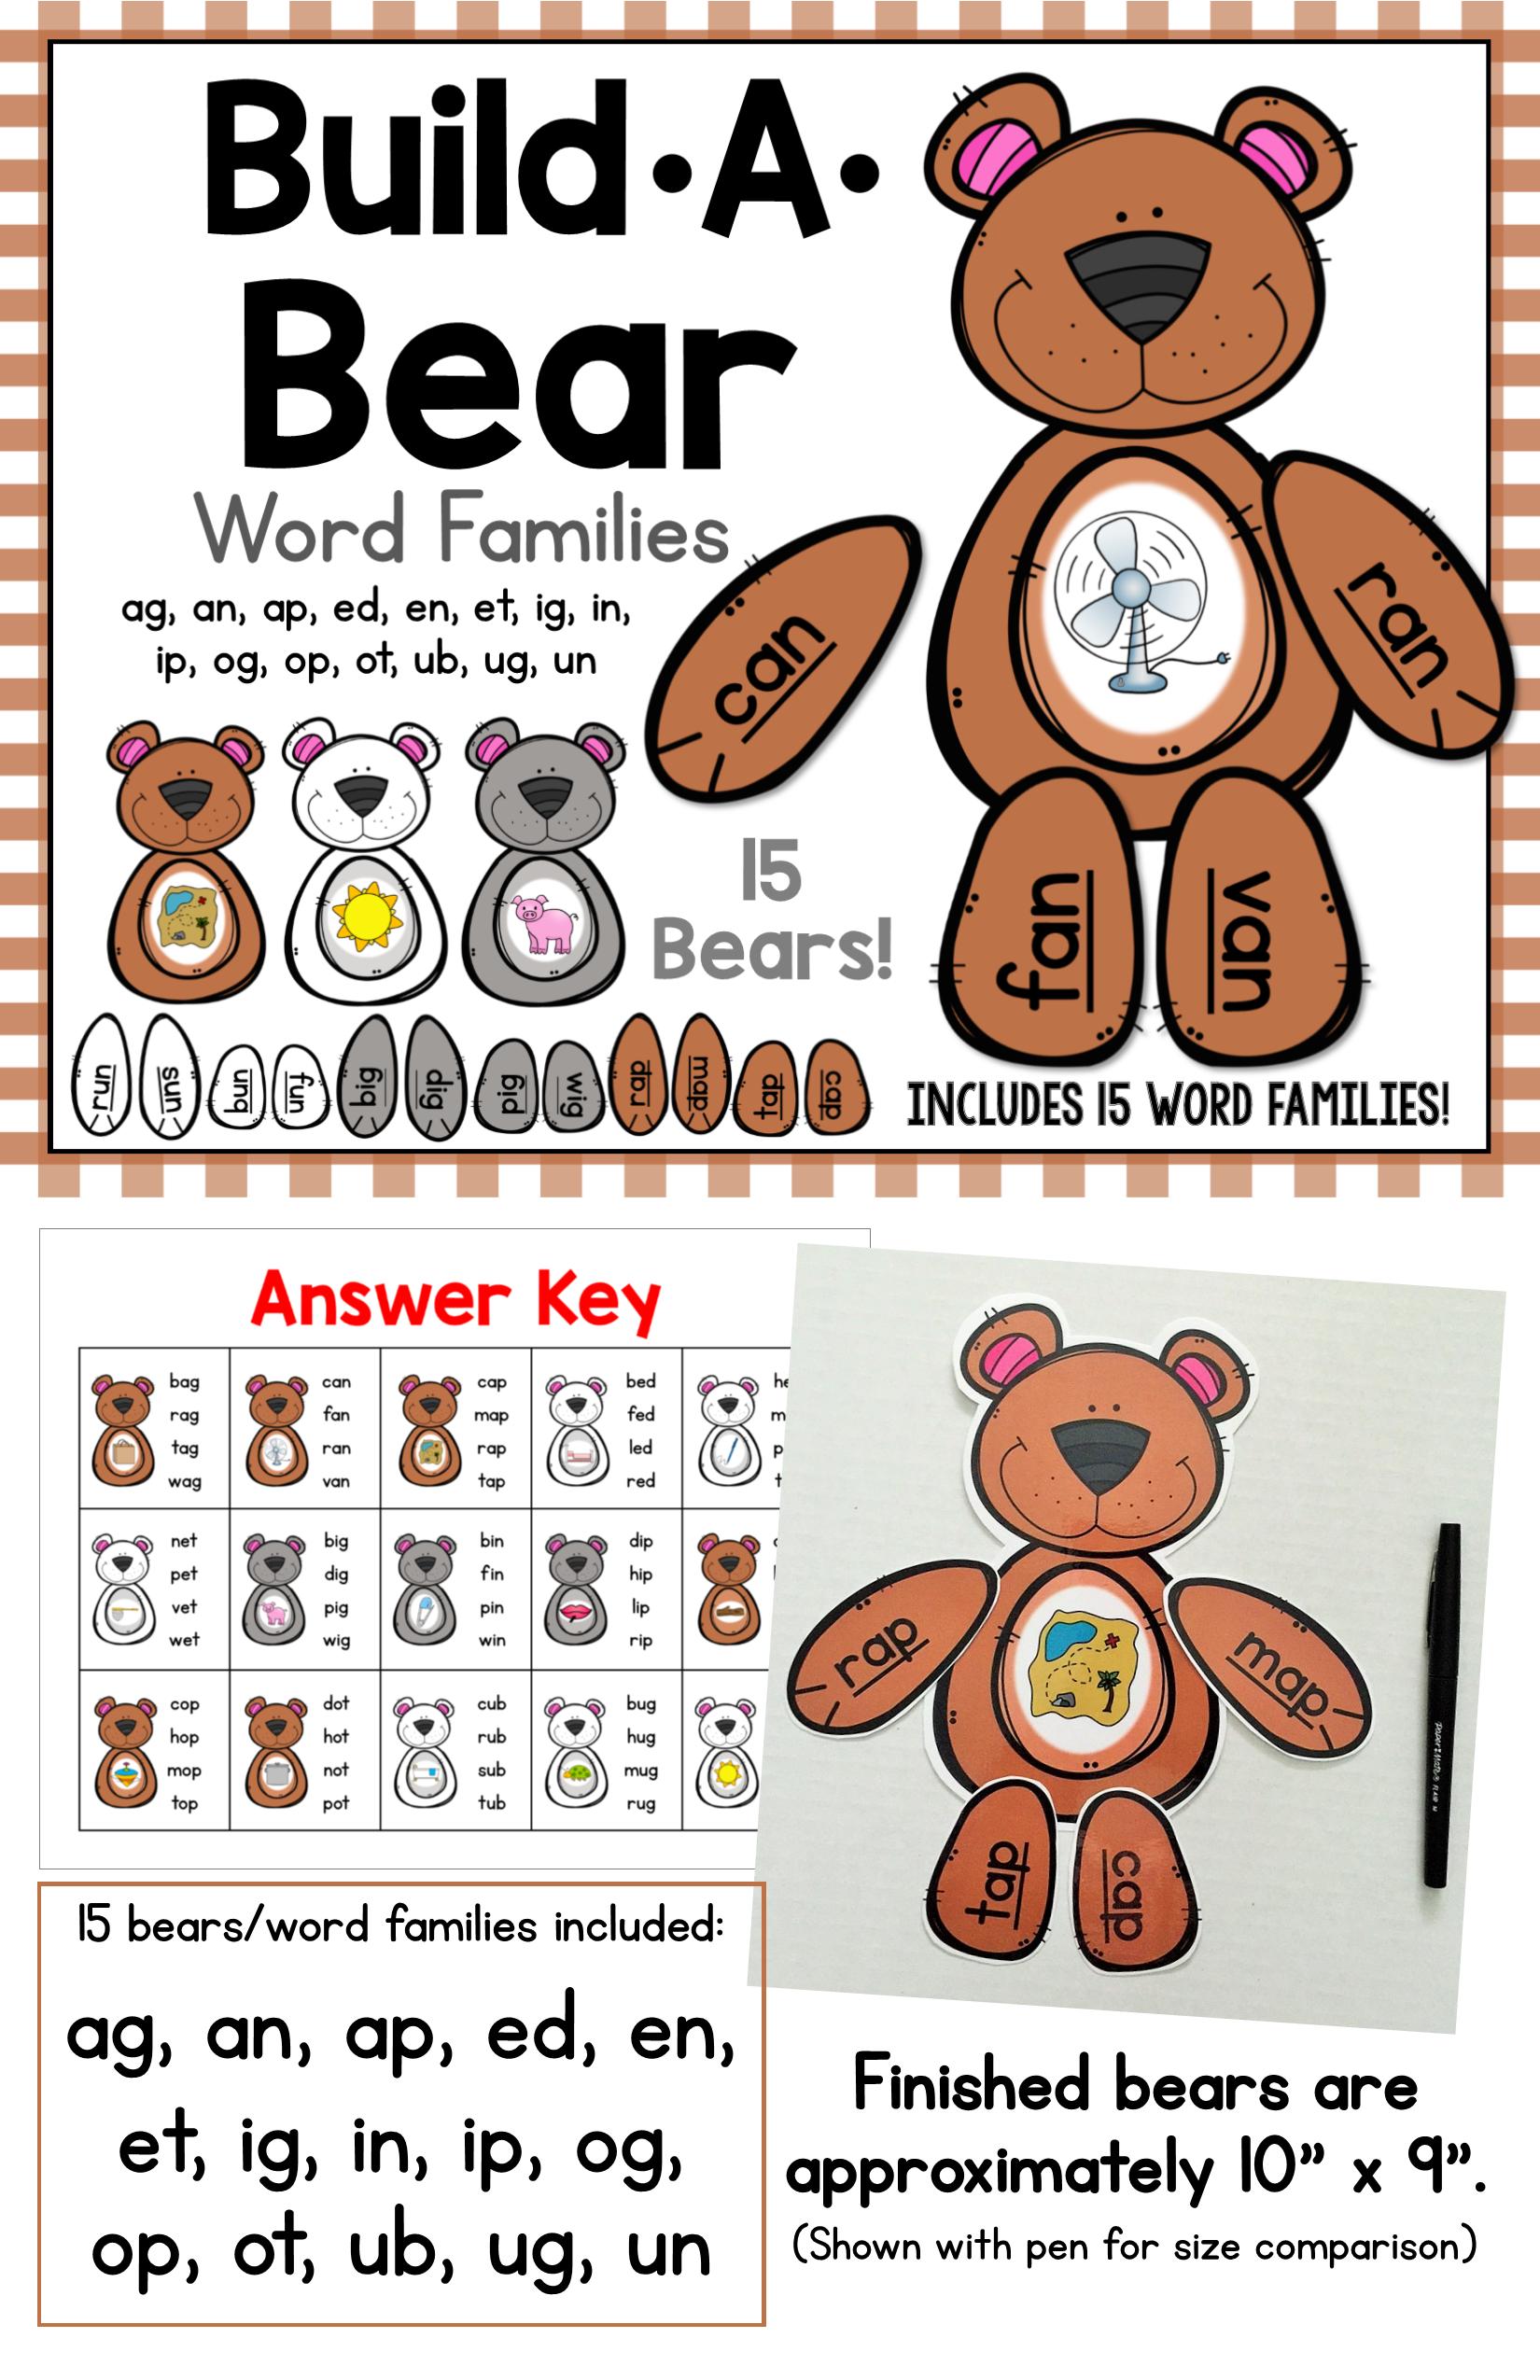 Build A Bear Word Families